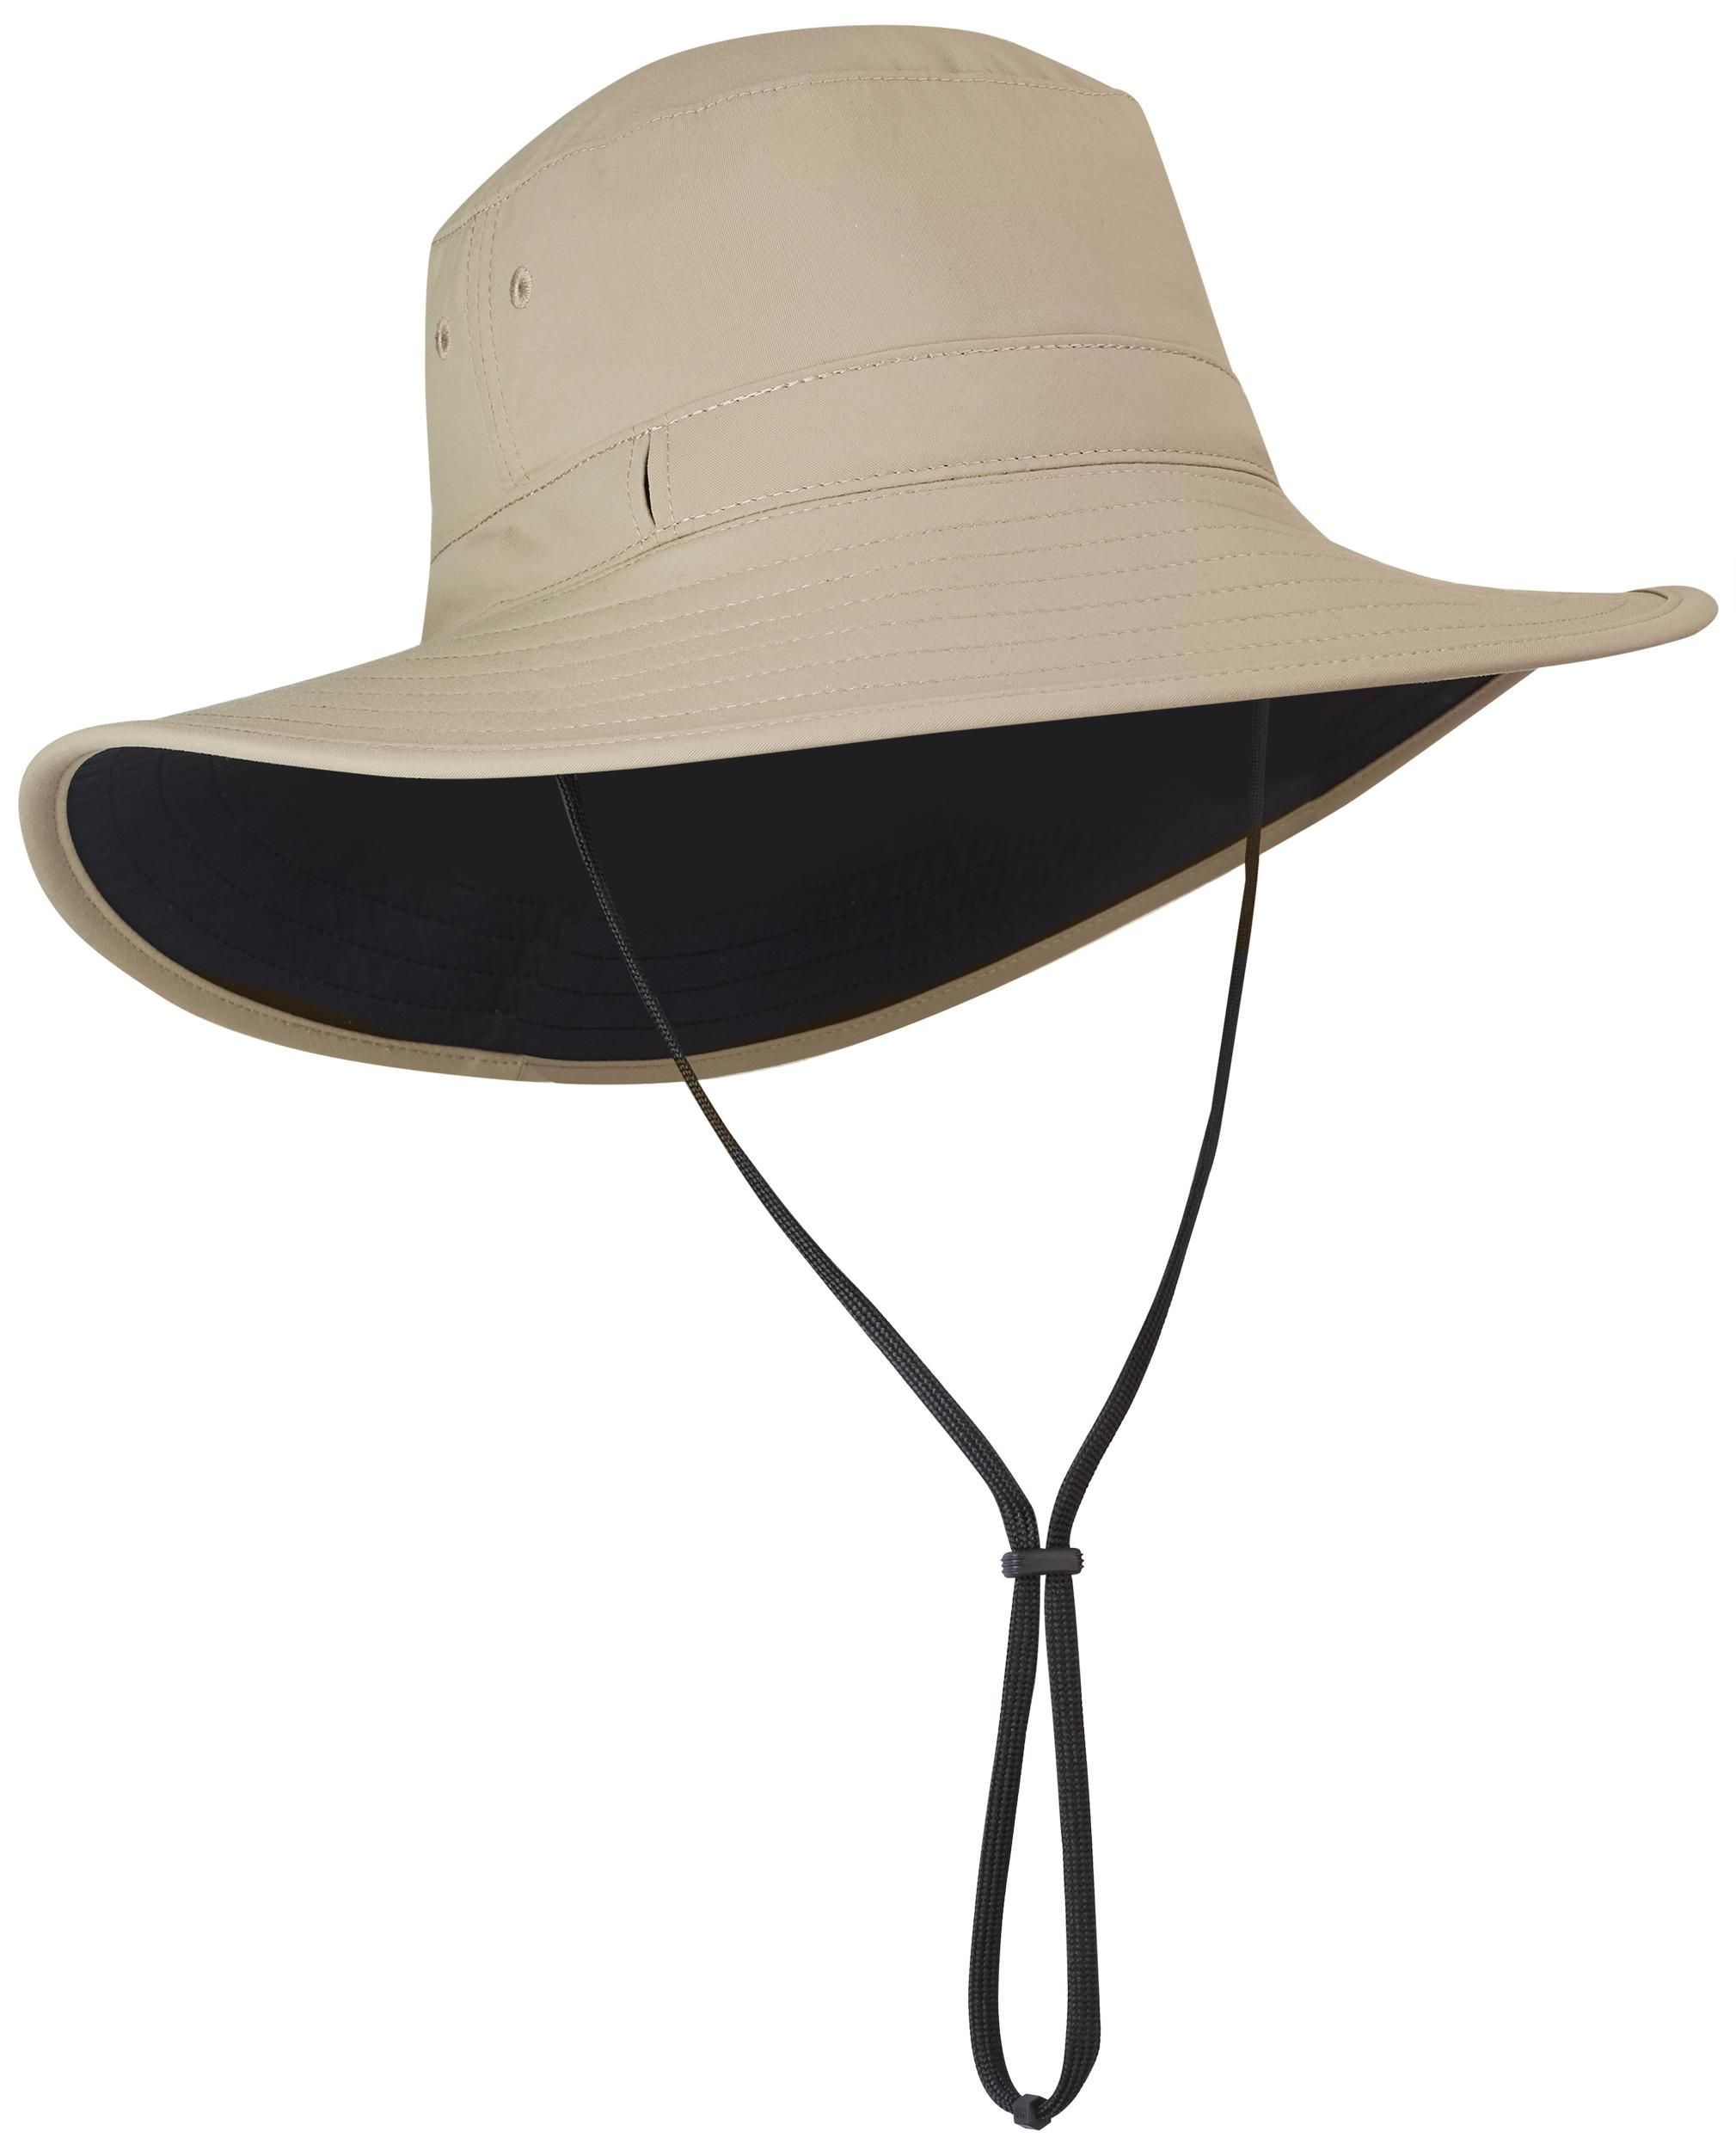 1cdf45b07 Hats and toques | MEC